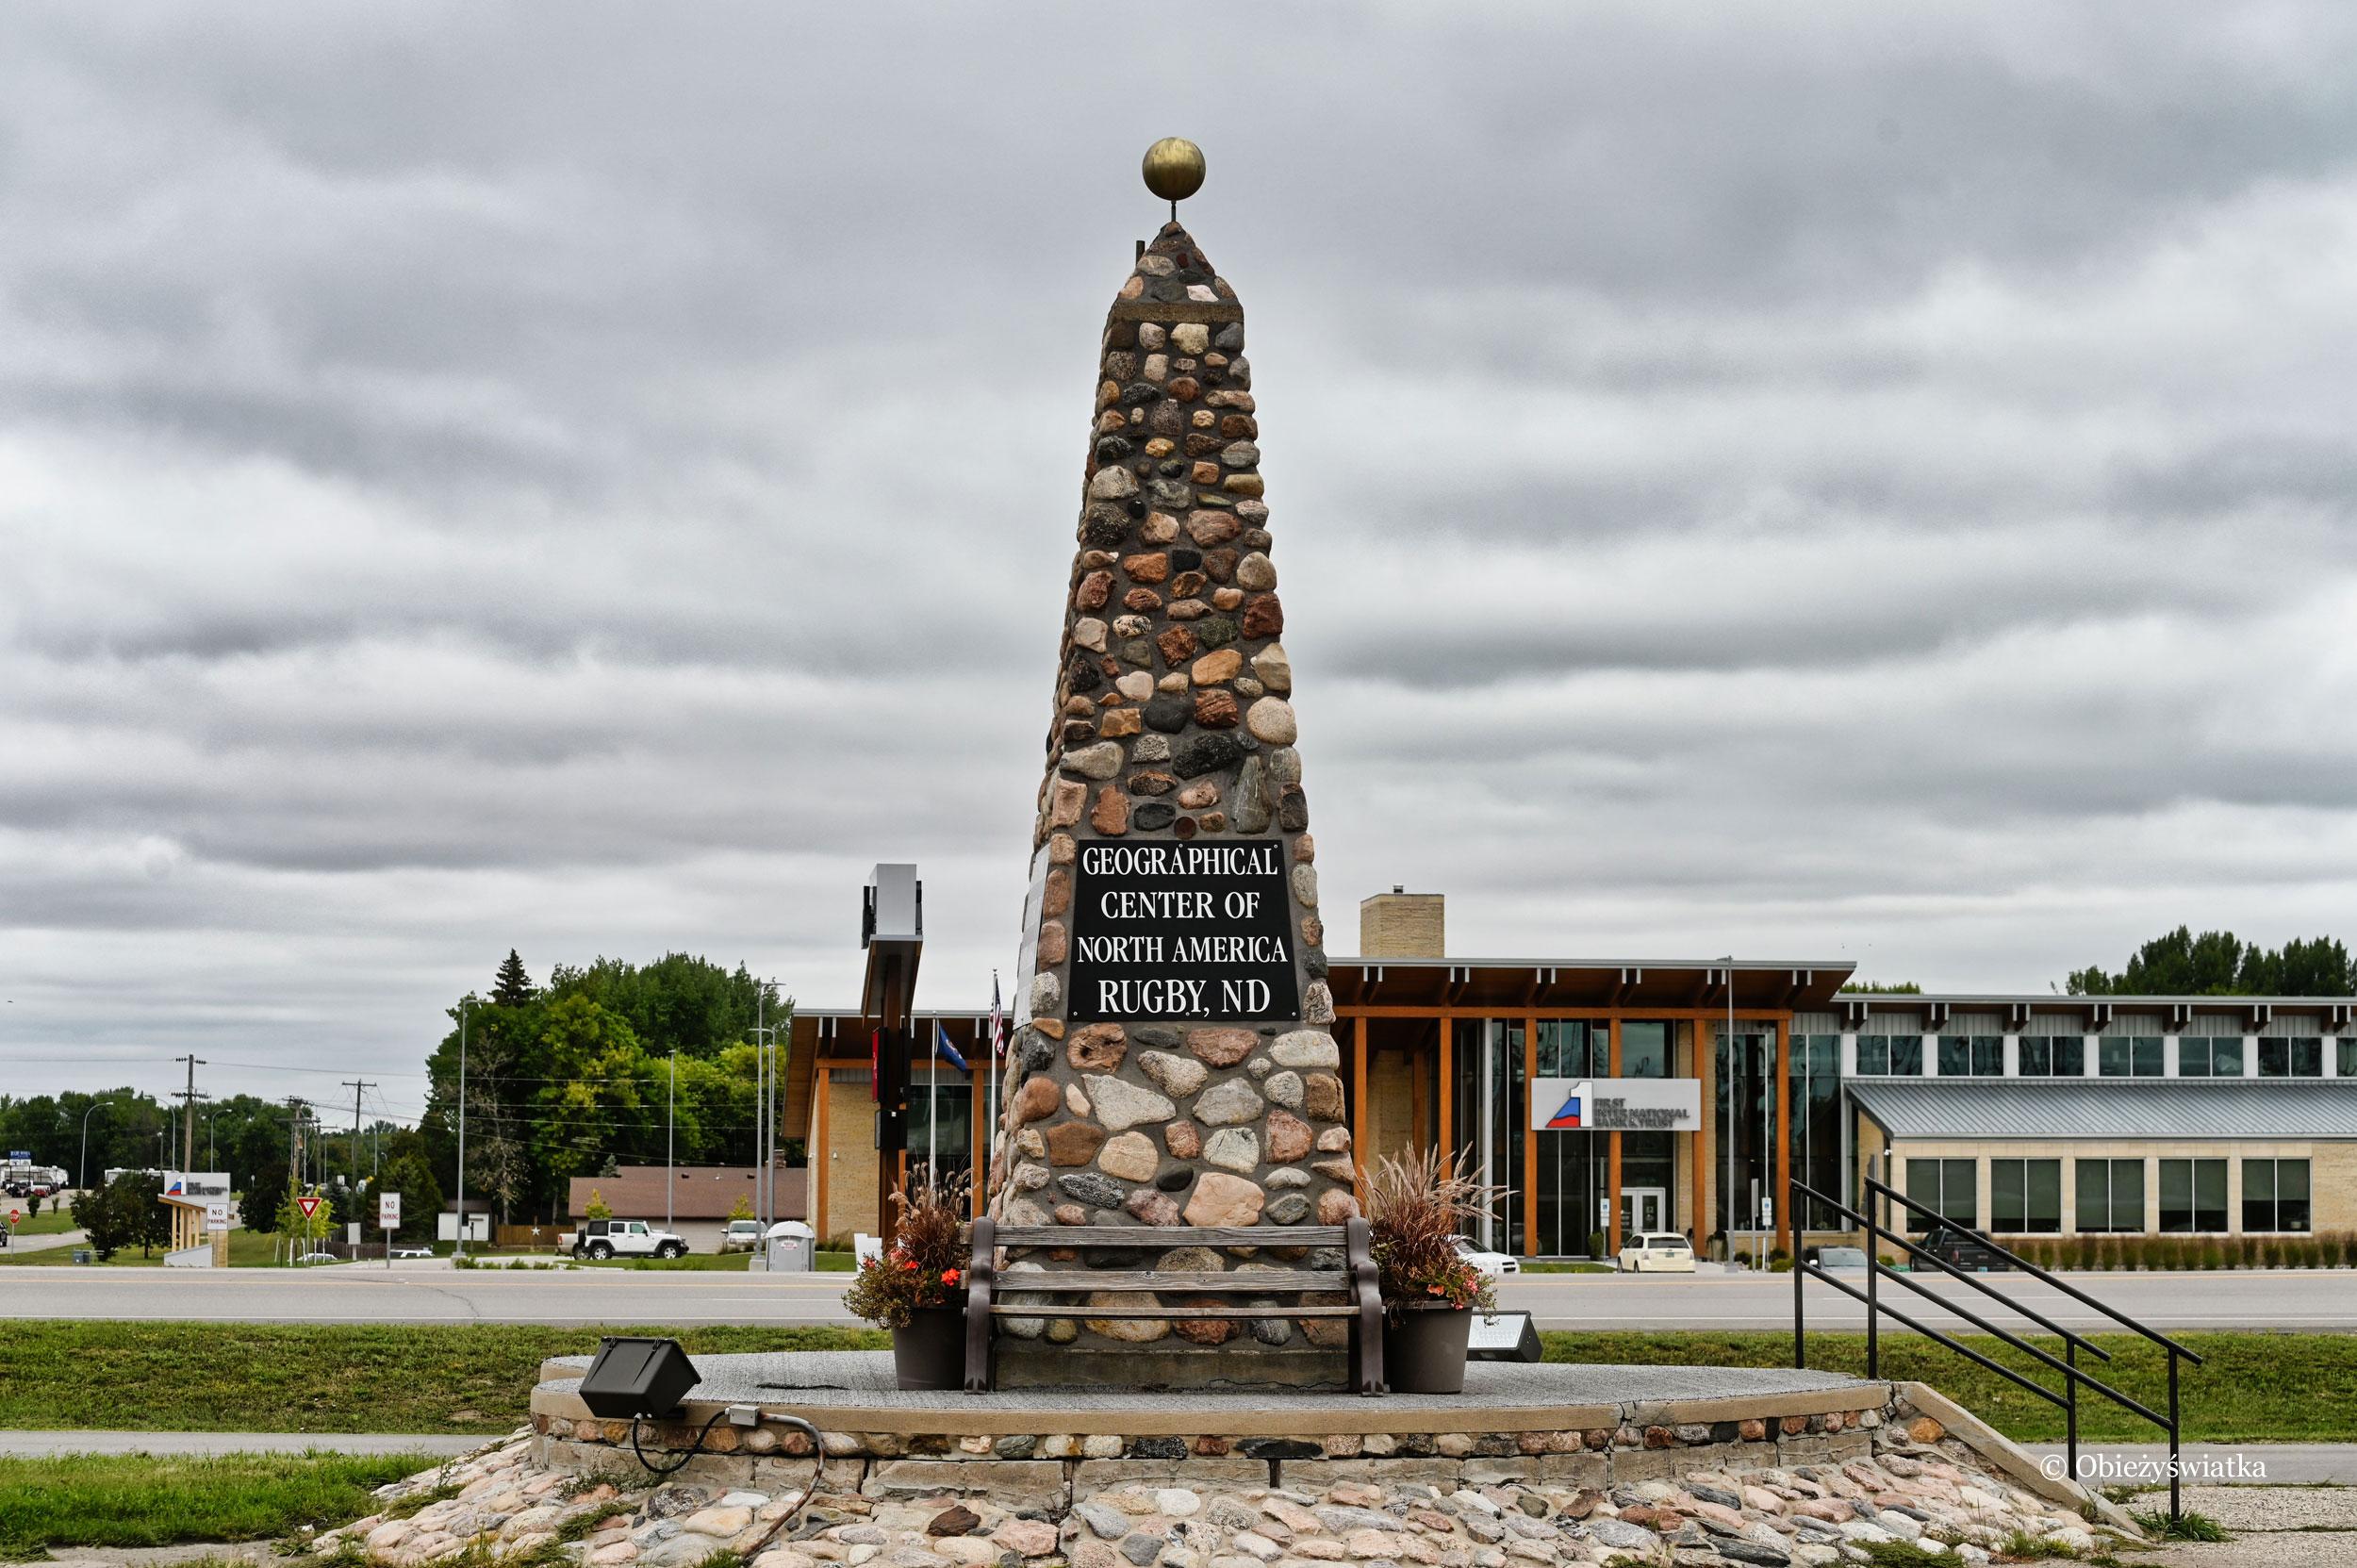 Geograficzny środek Ameryki Północnej w Rugby, Dakota Północna